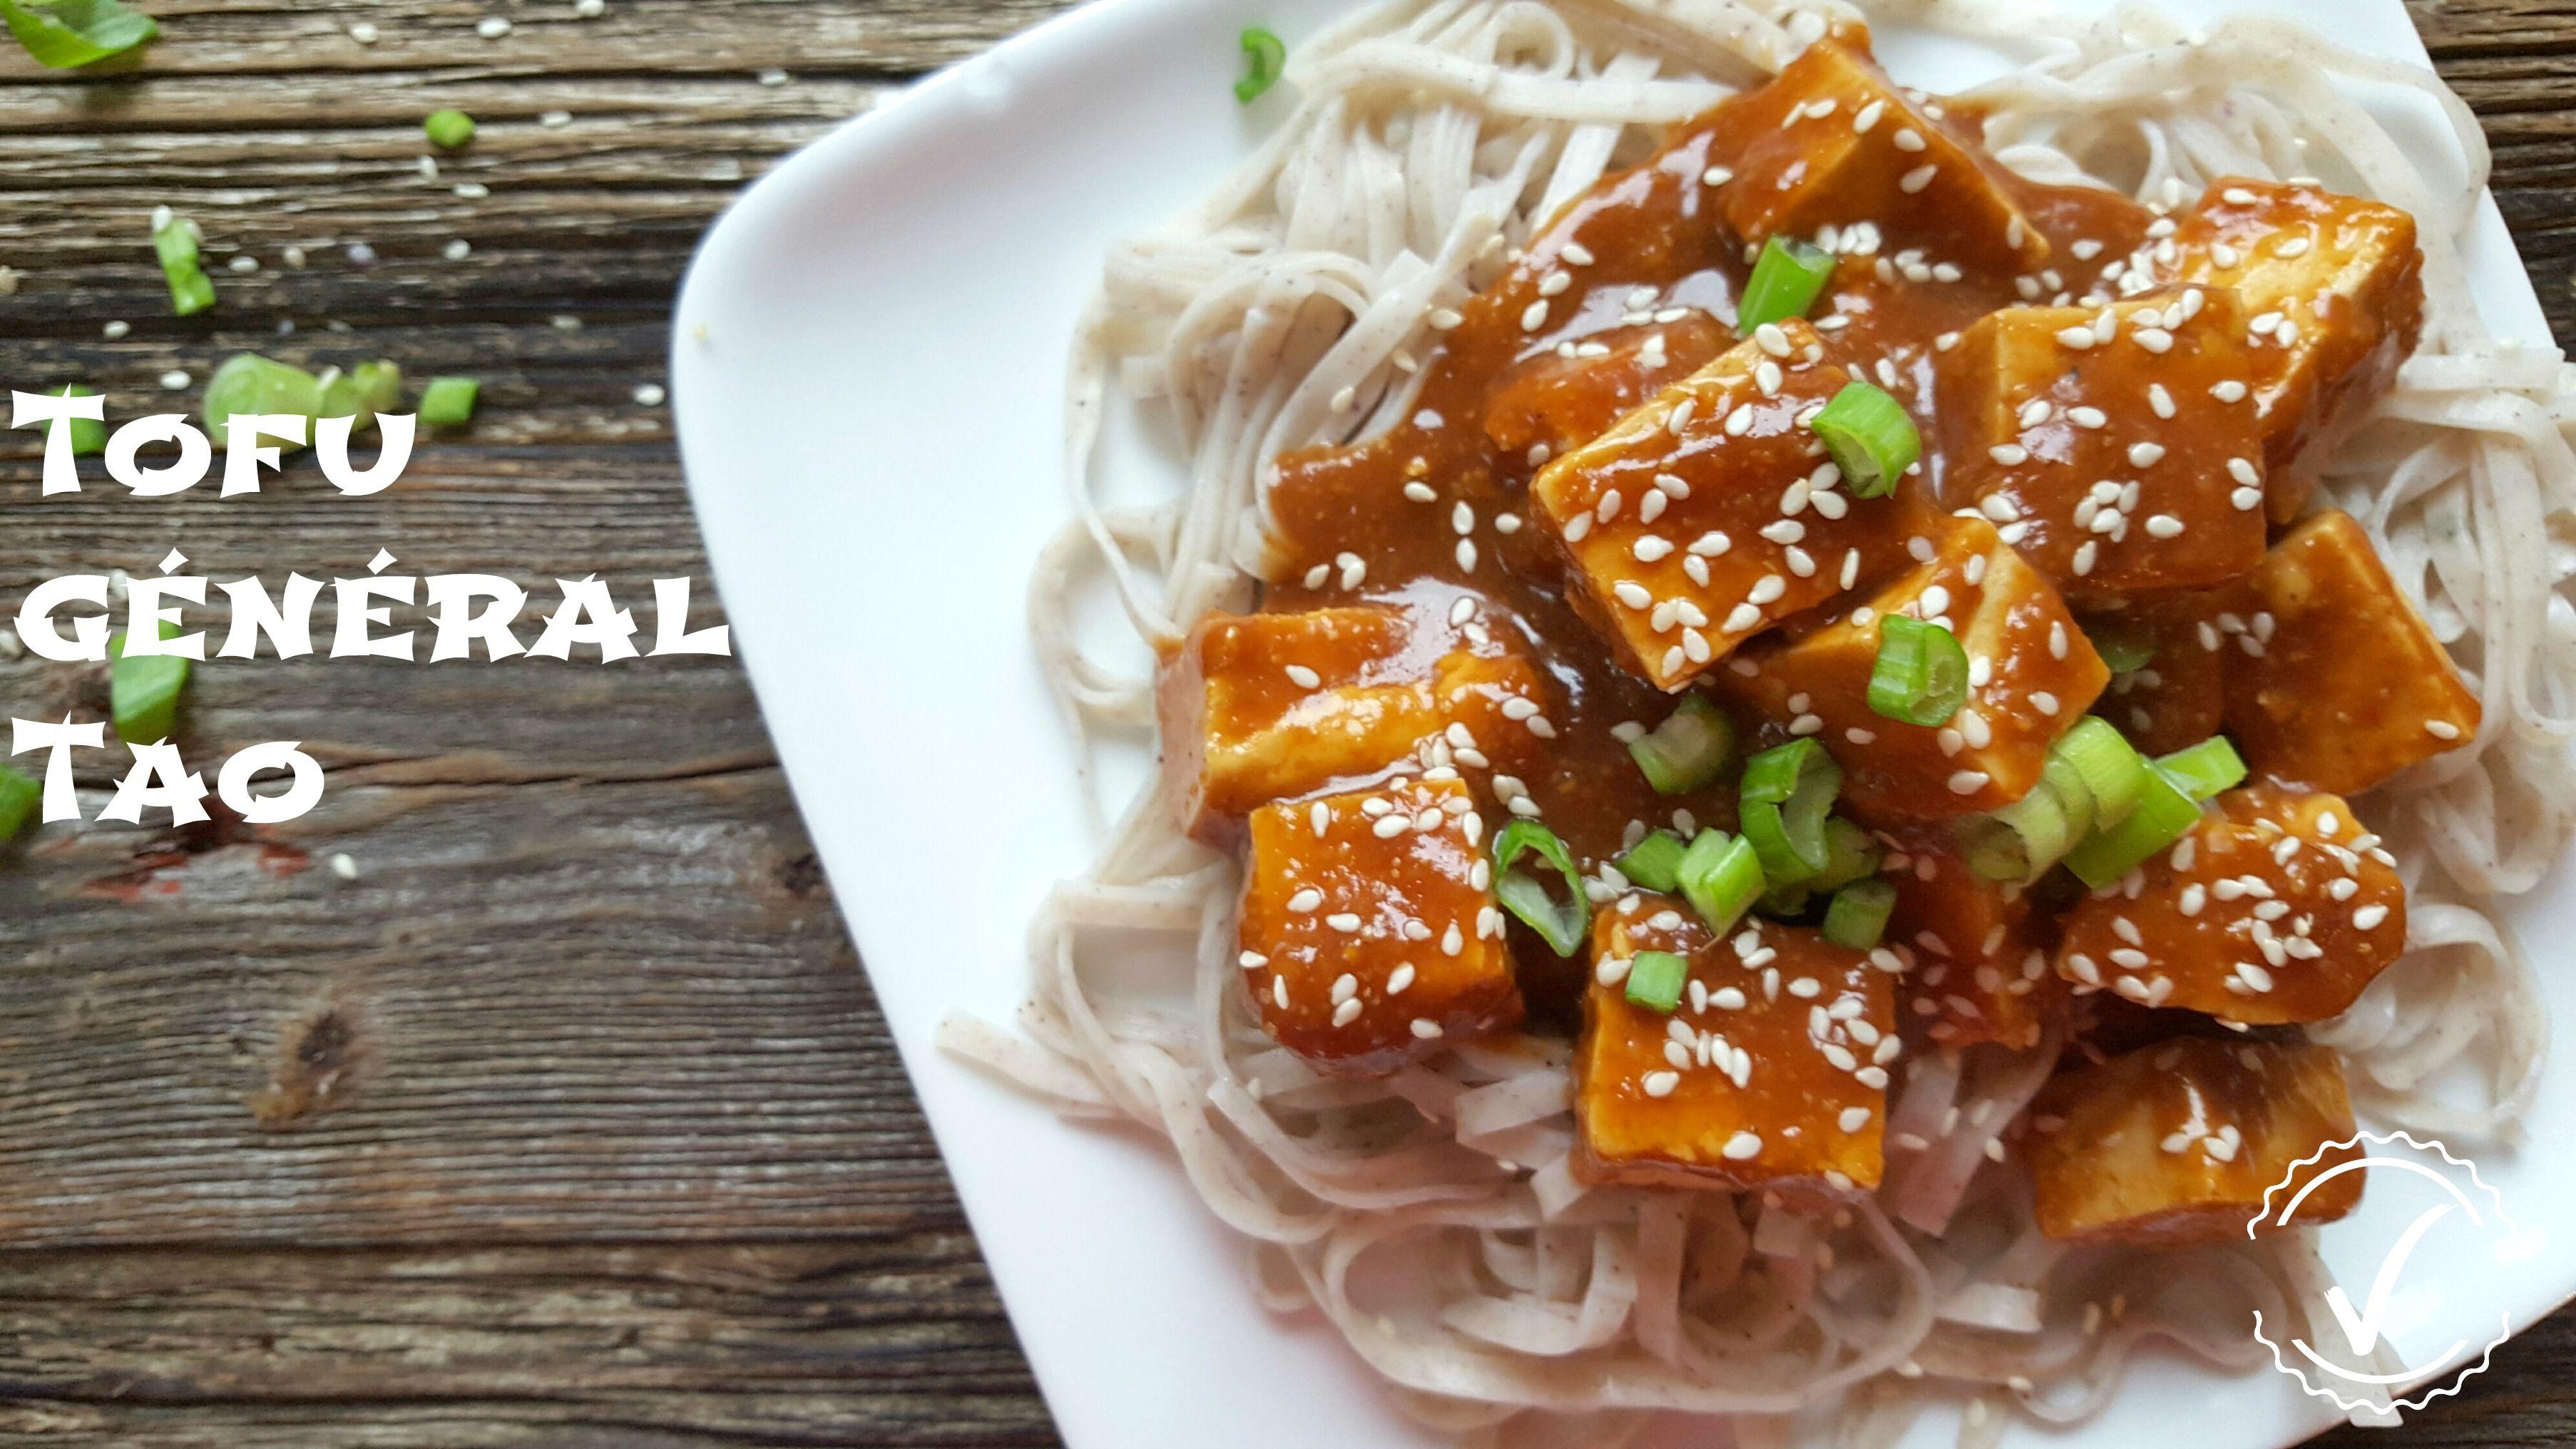 Un recette idéale pour vous réconcilier avec le tofu. Voici un Tofu Générale Tao sur lit de pâtes Konjak.